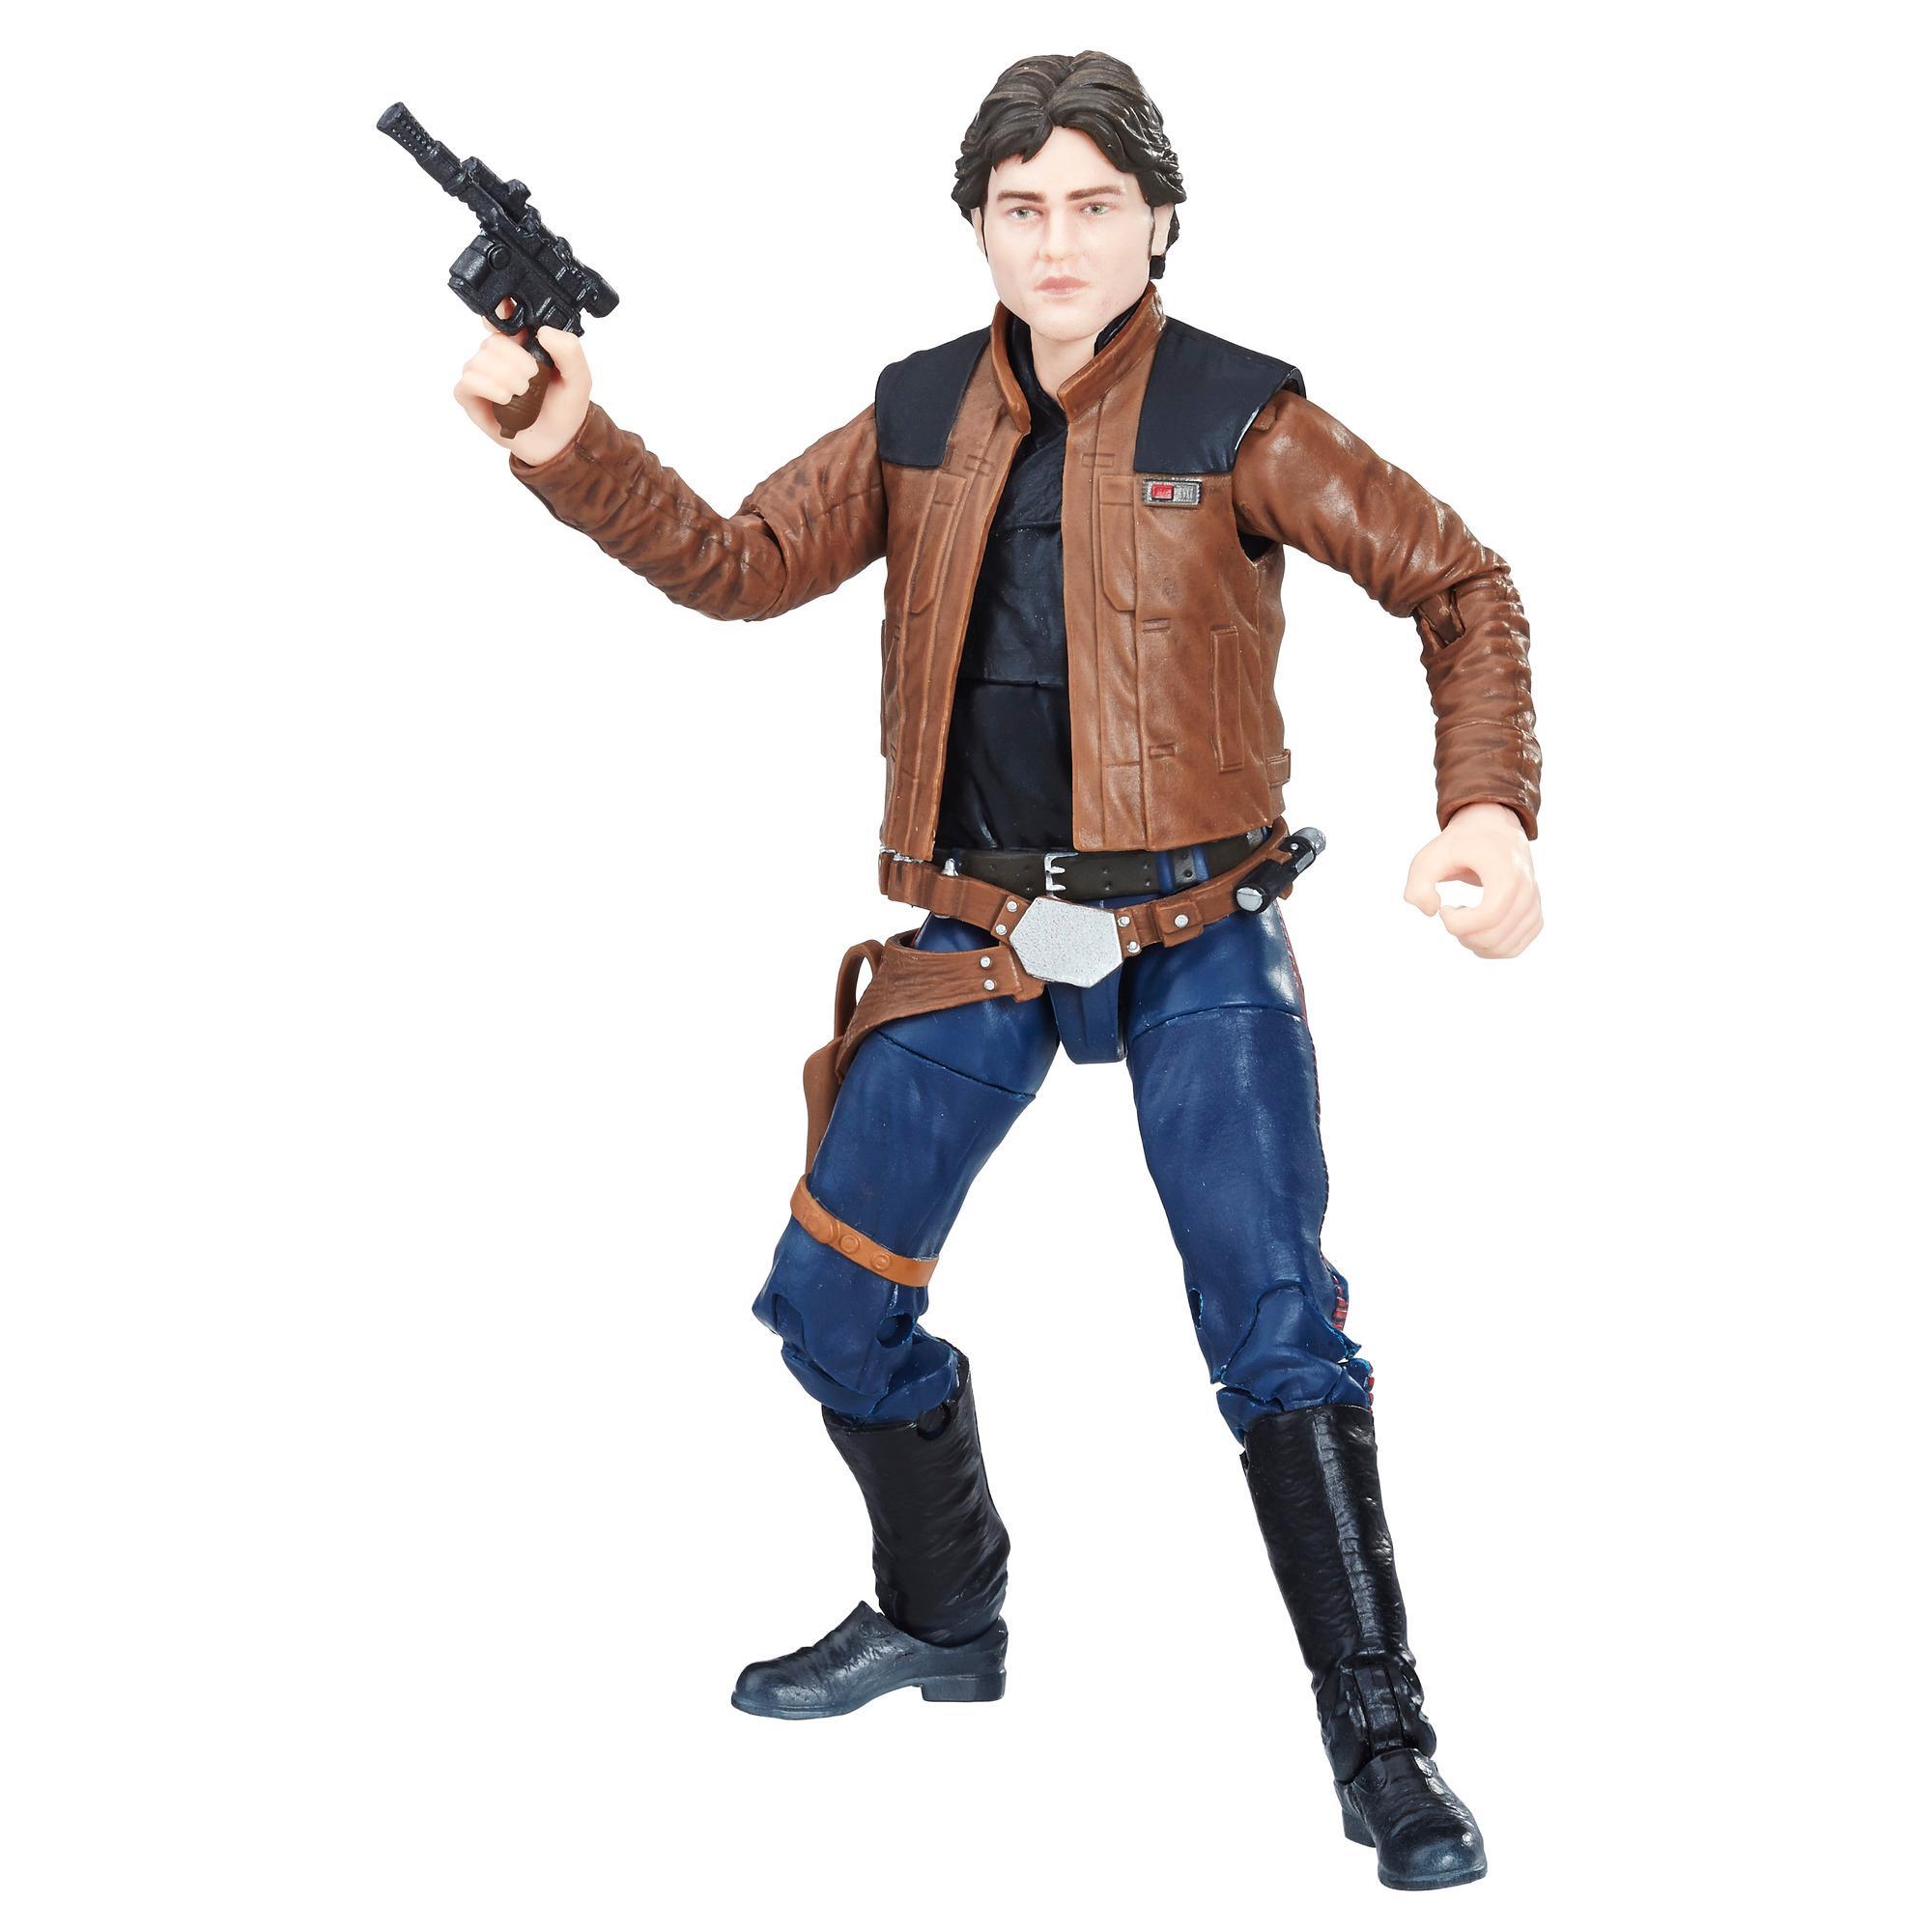 Star Wars Série noire - Figurine Han Solo de 15 cm